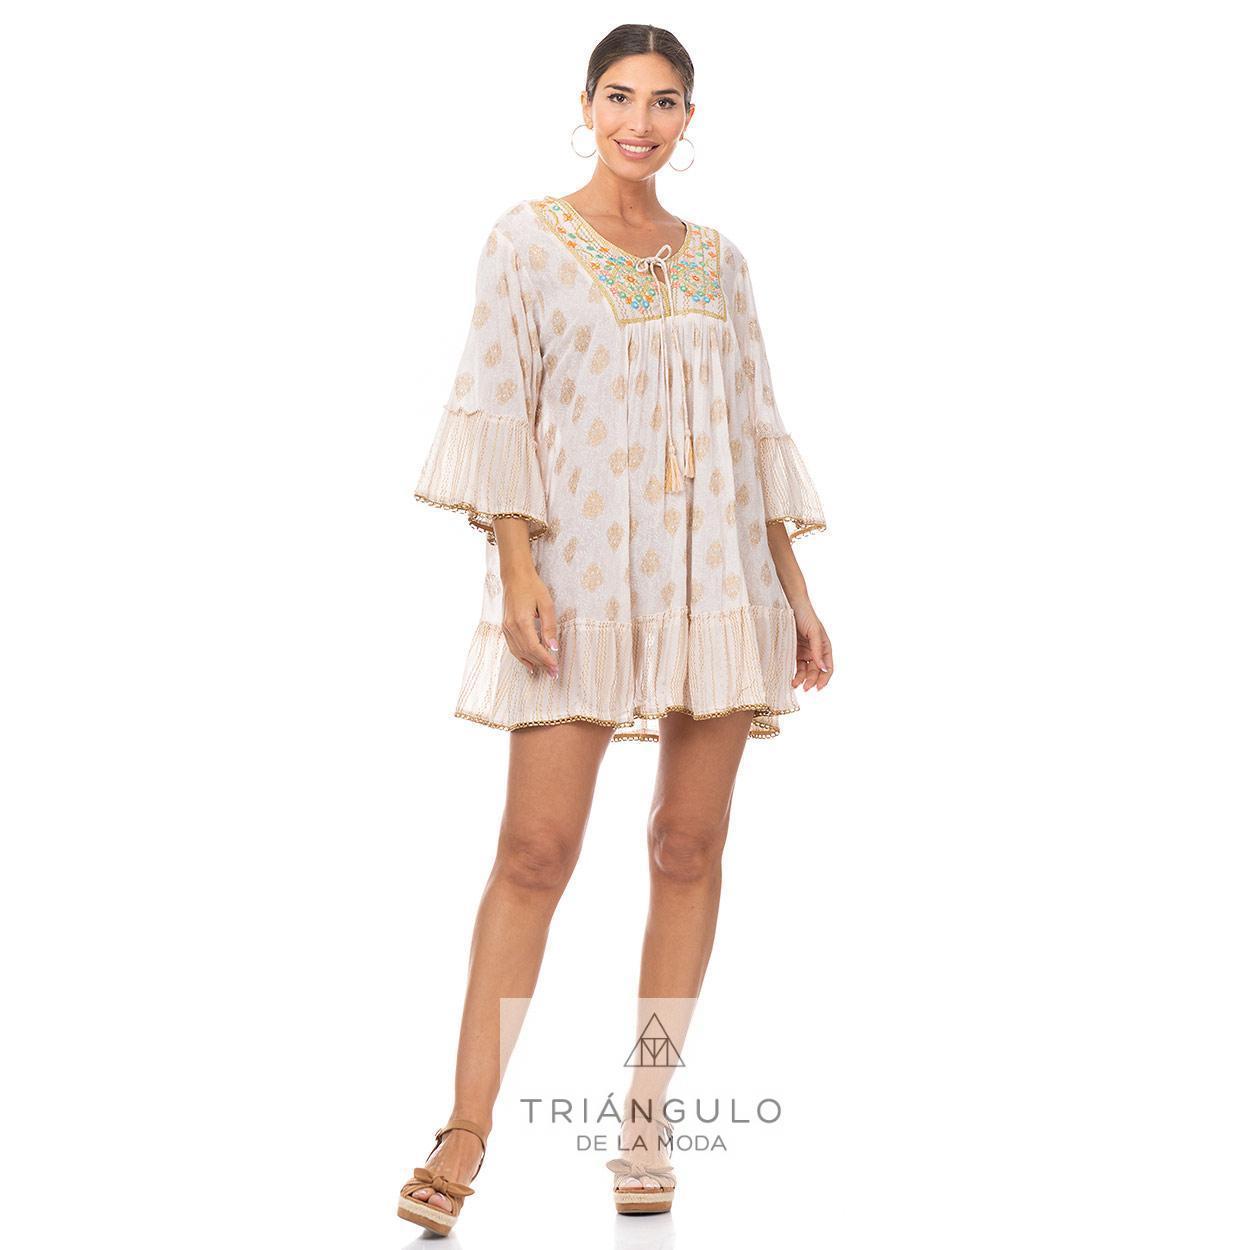 Tienda online del Triangulo de la Moda CASACA BOHO CHIC C/BORDADO Y ESPEJITOS TANTRA